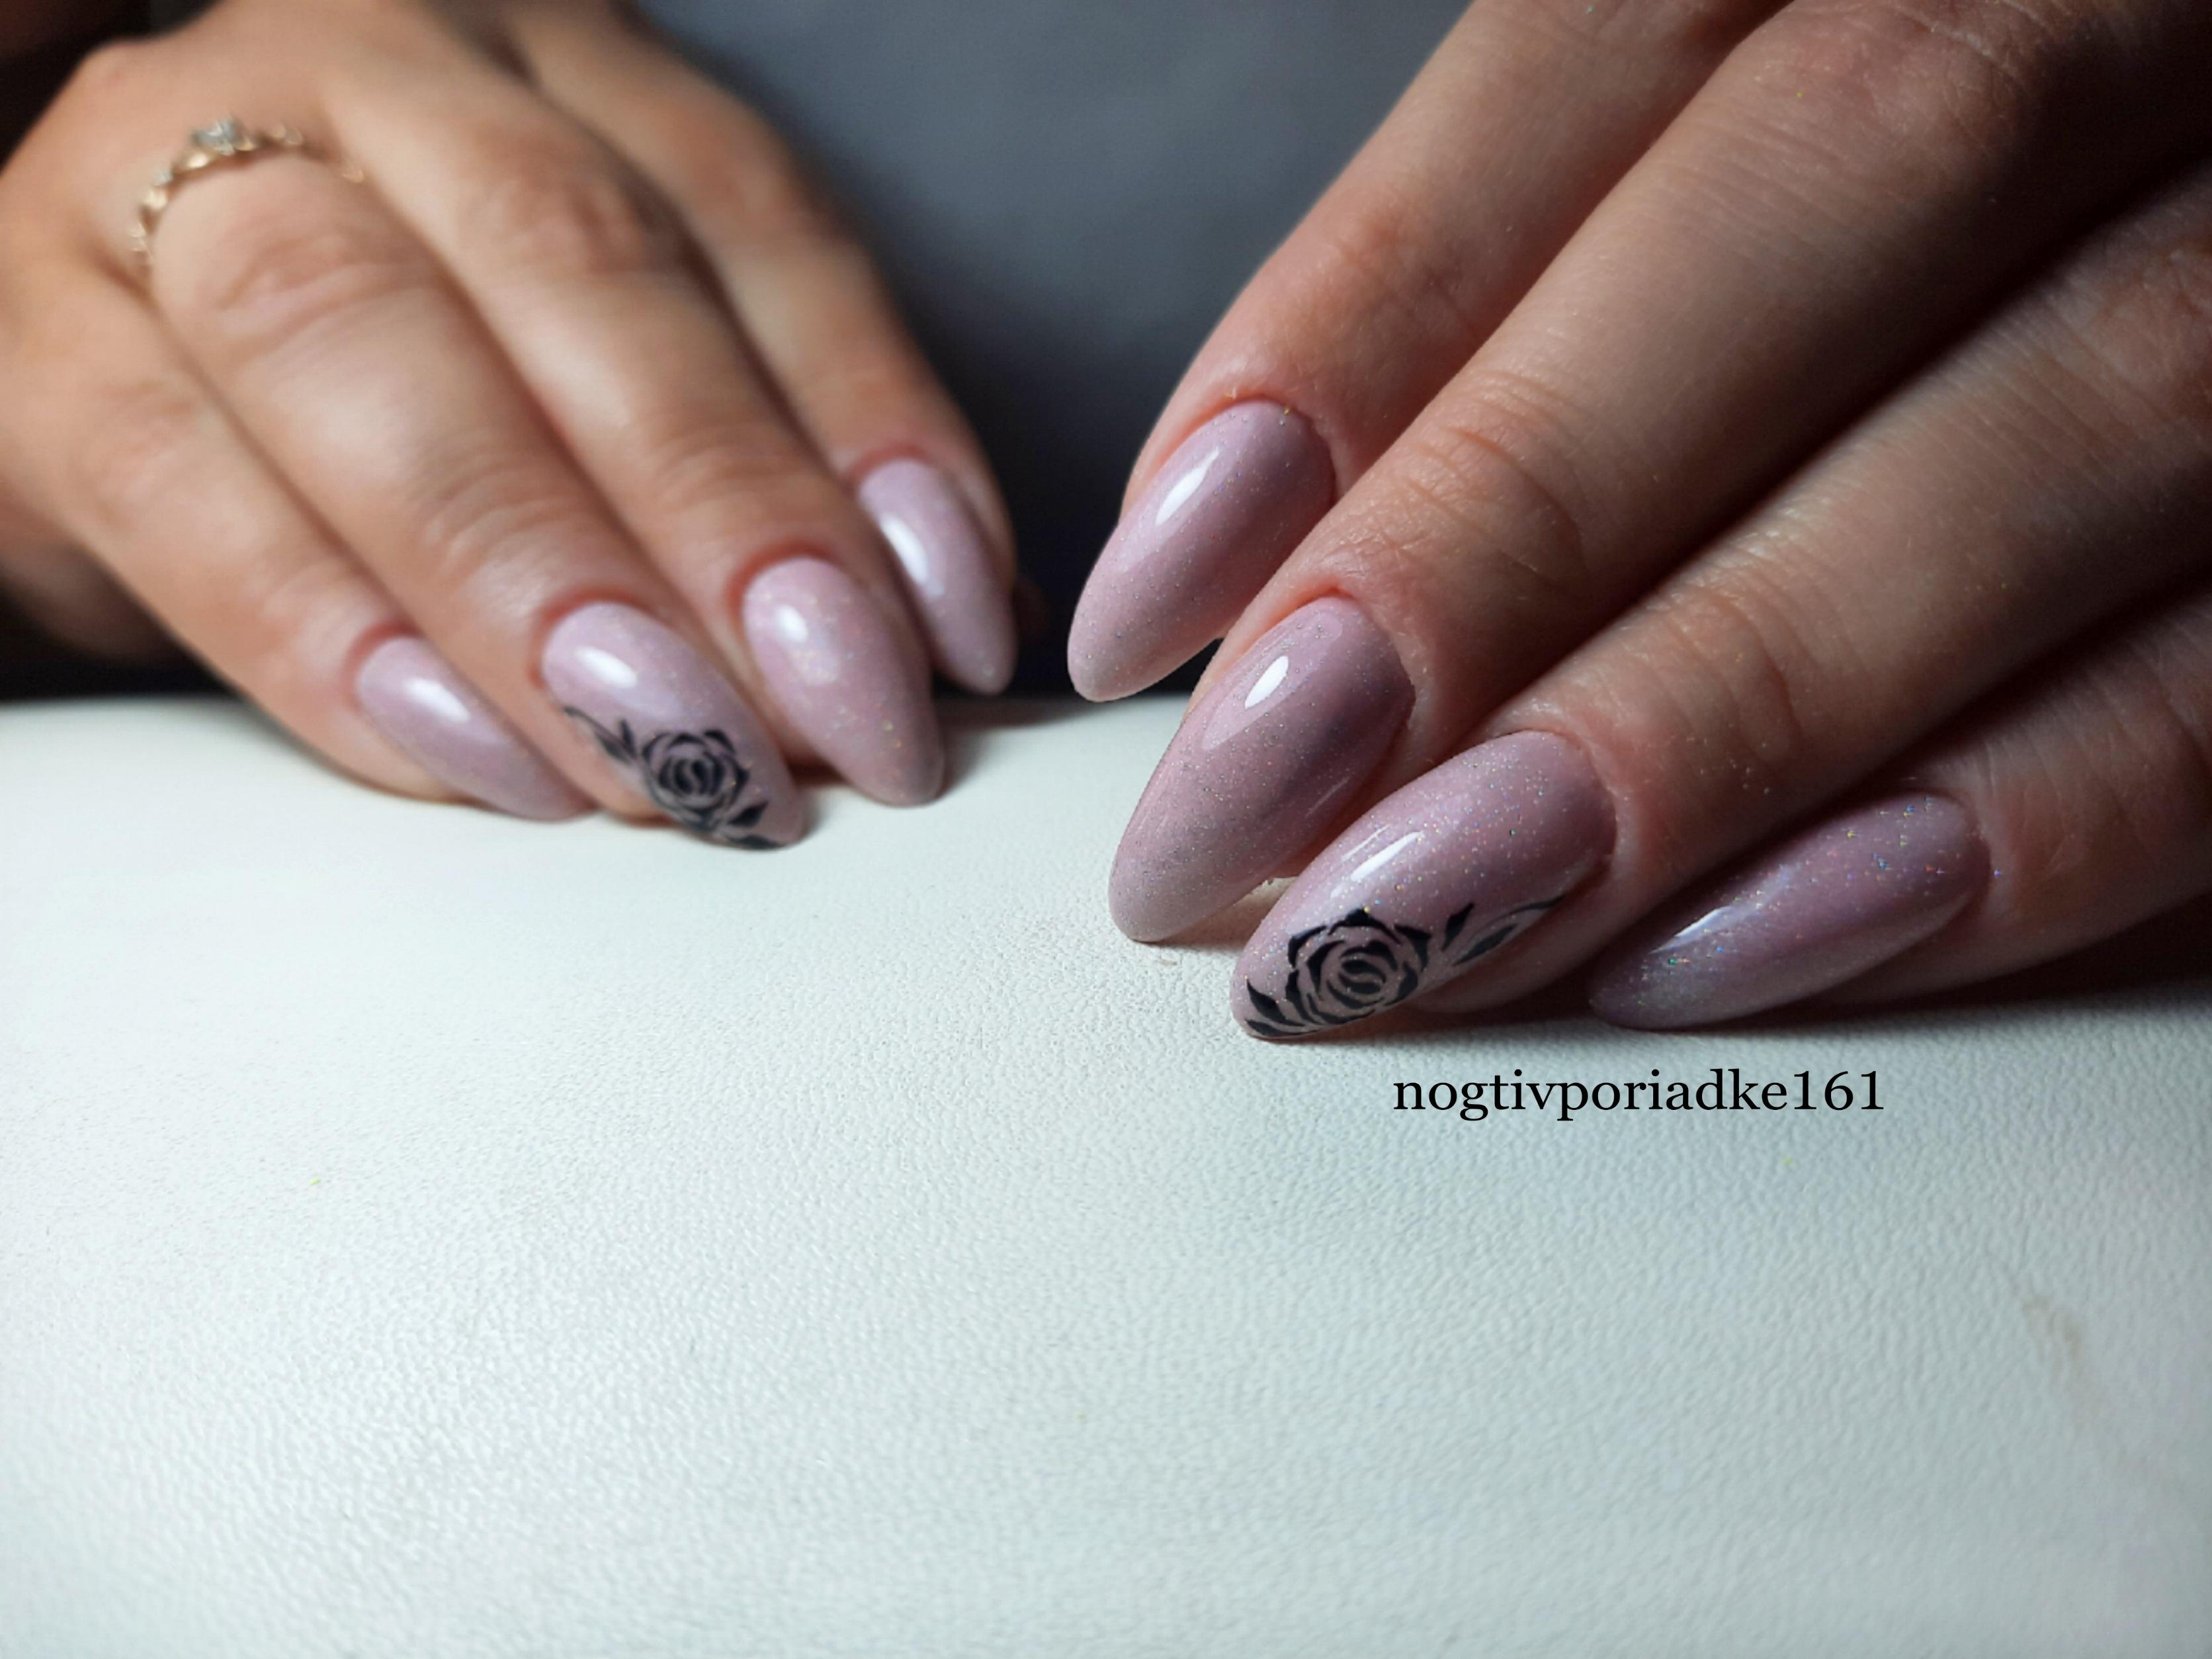 Маникюр с цветочными слайдерами в пастельных тонах на длинные ногти.